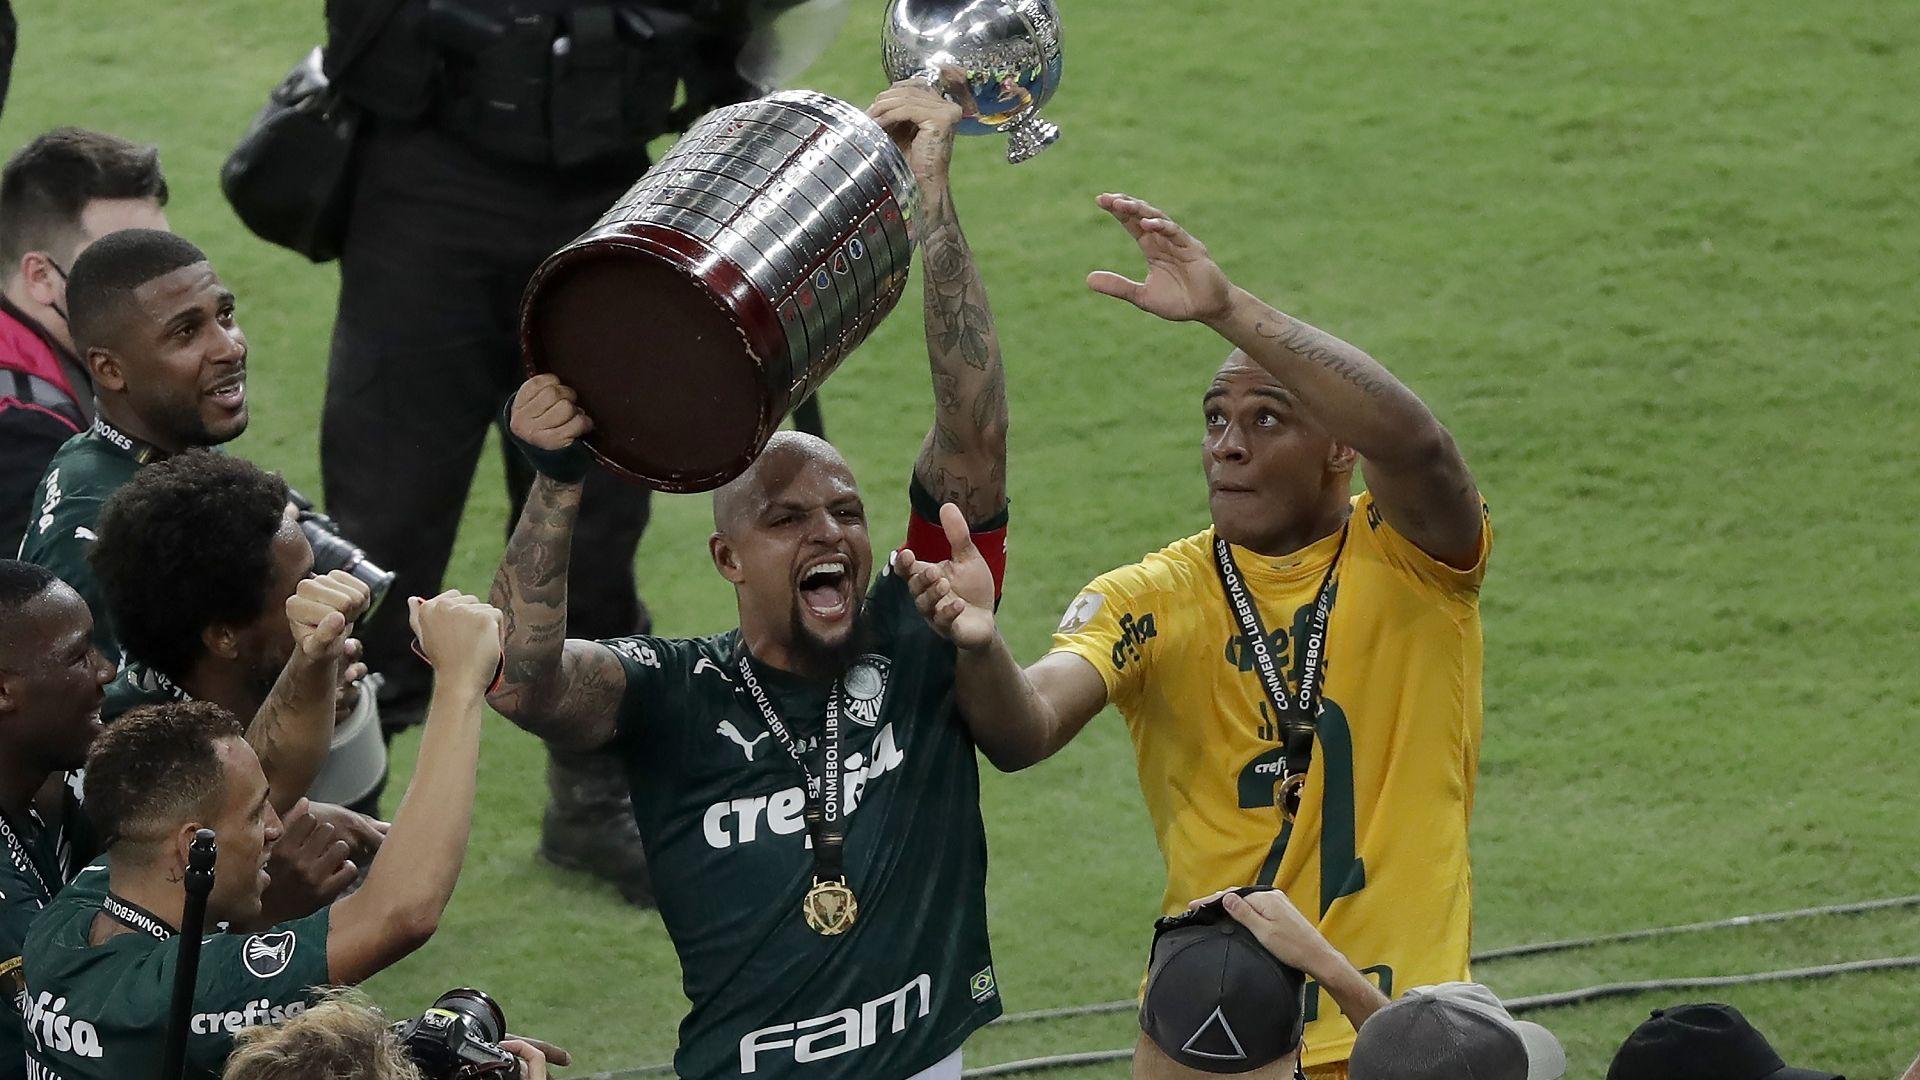 Отново последните секунди определиха футболния крал на Южна Америка